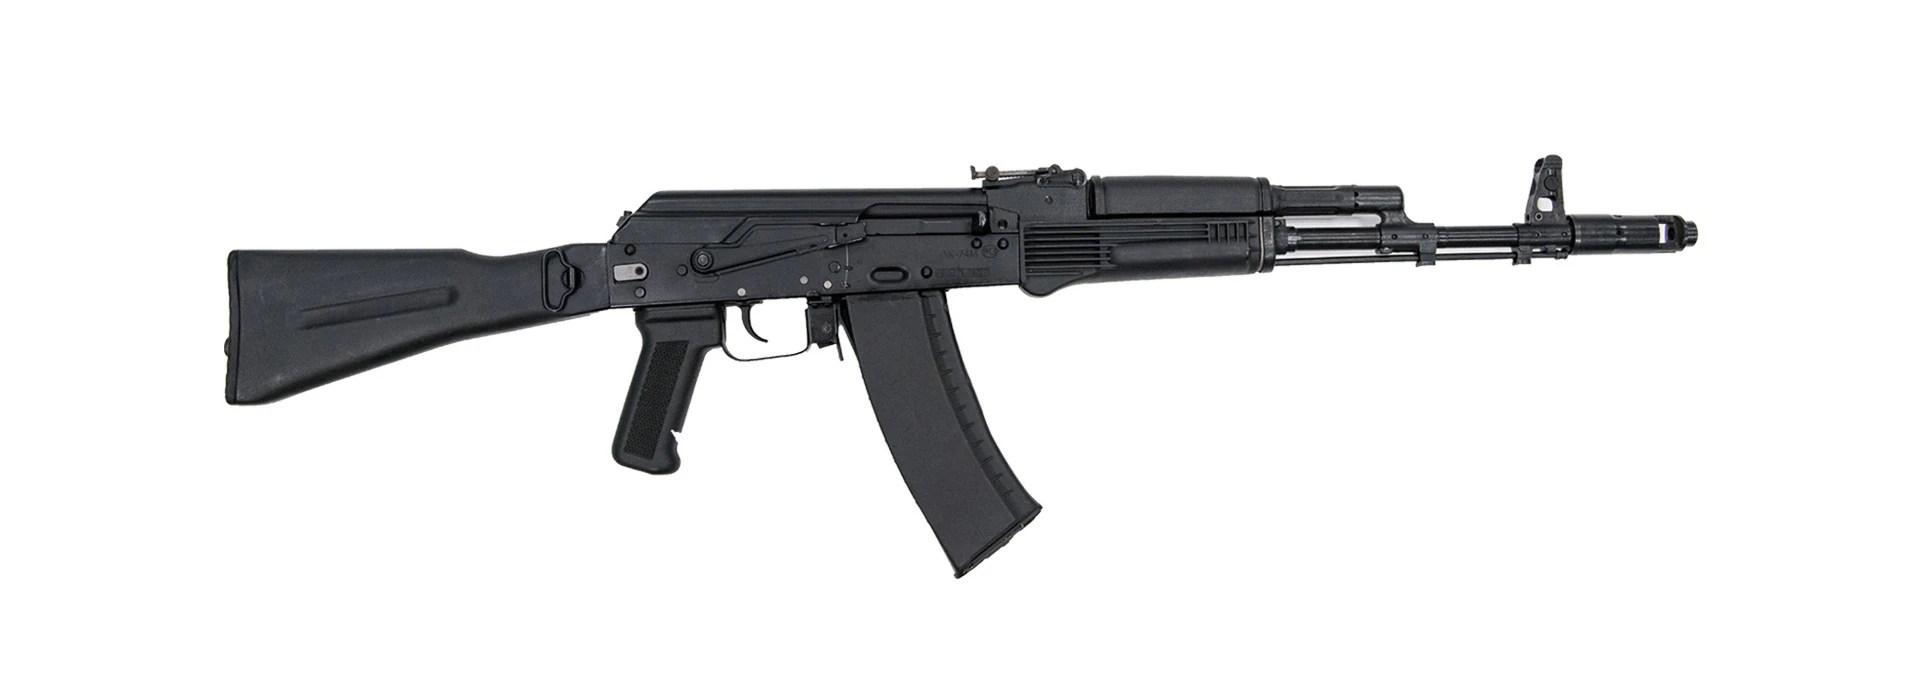 Kalashnikov AK-74 | Military Wiki | FANDOM powered by Wikia